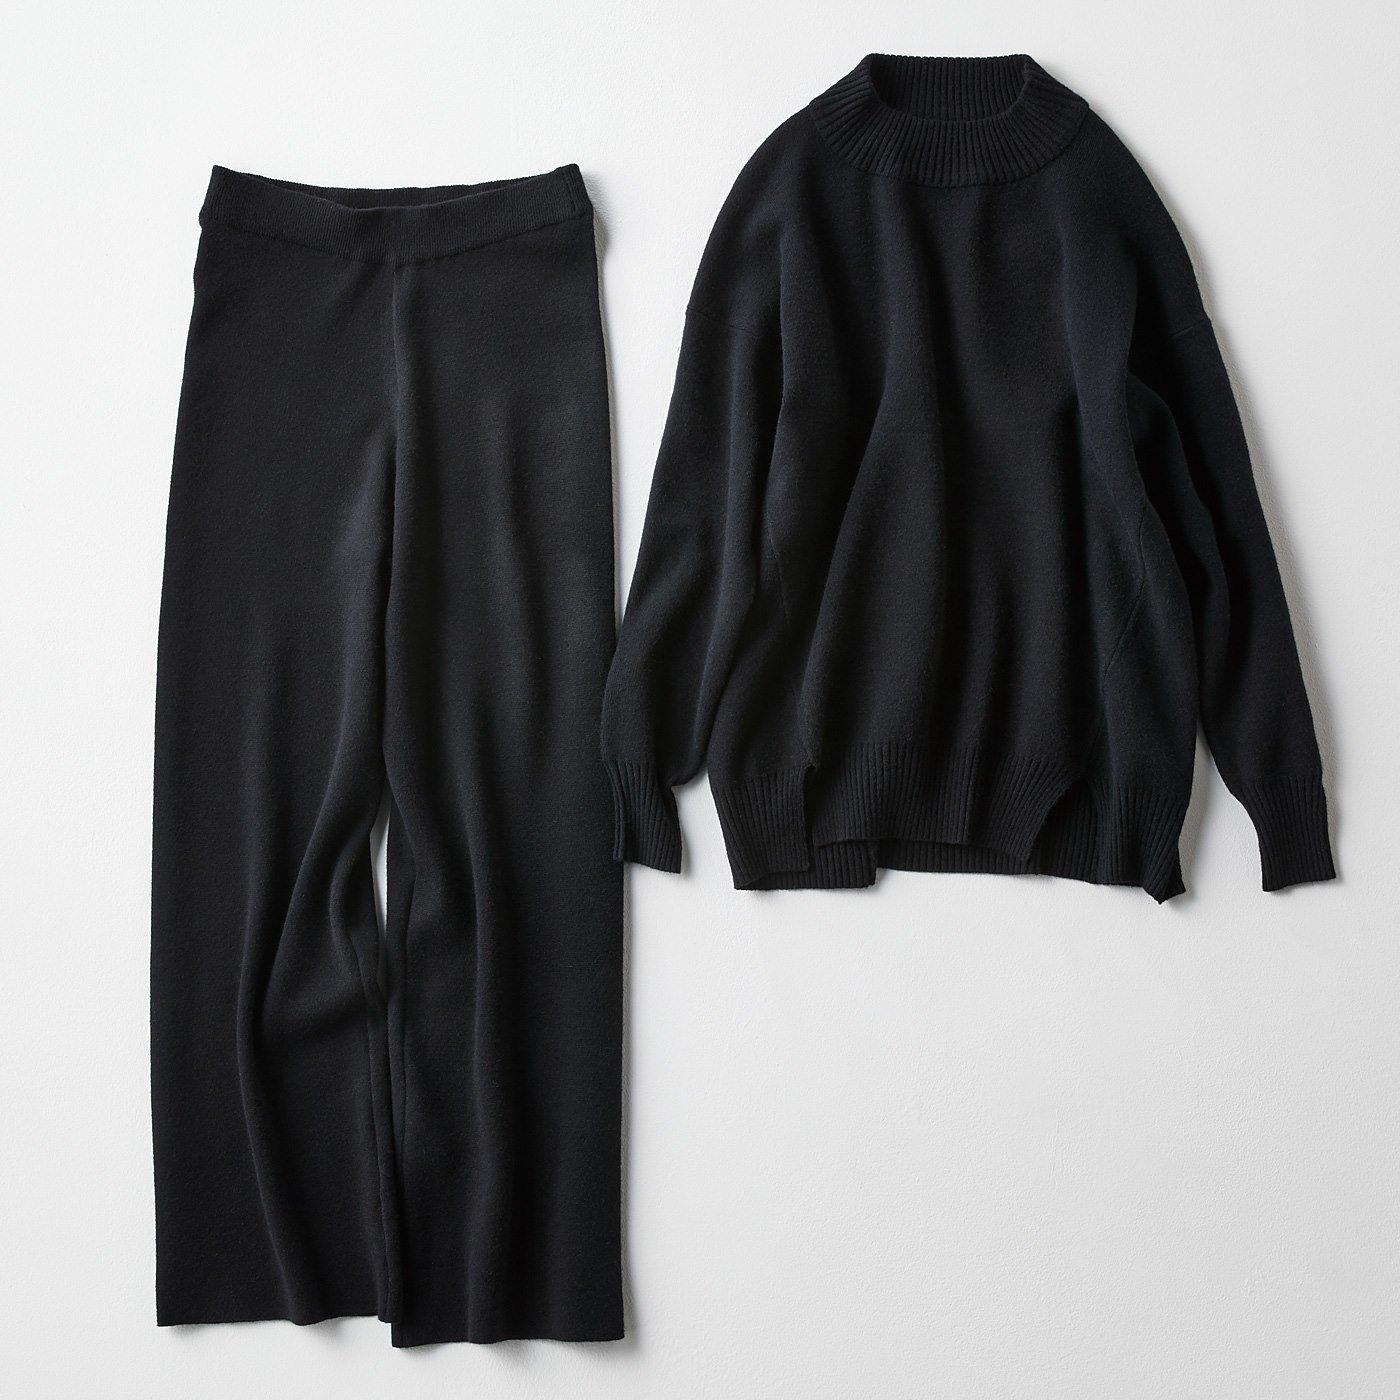 IEDIT 福田麻琴さんコラボ ミラノリブニットセットアップ〈ブラック〉